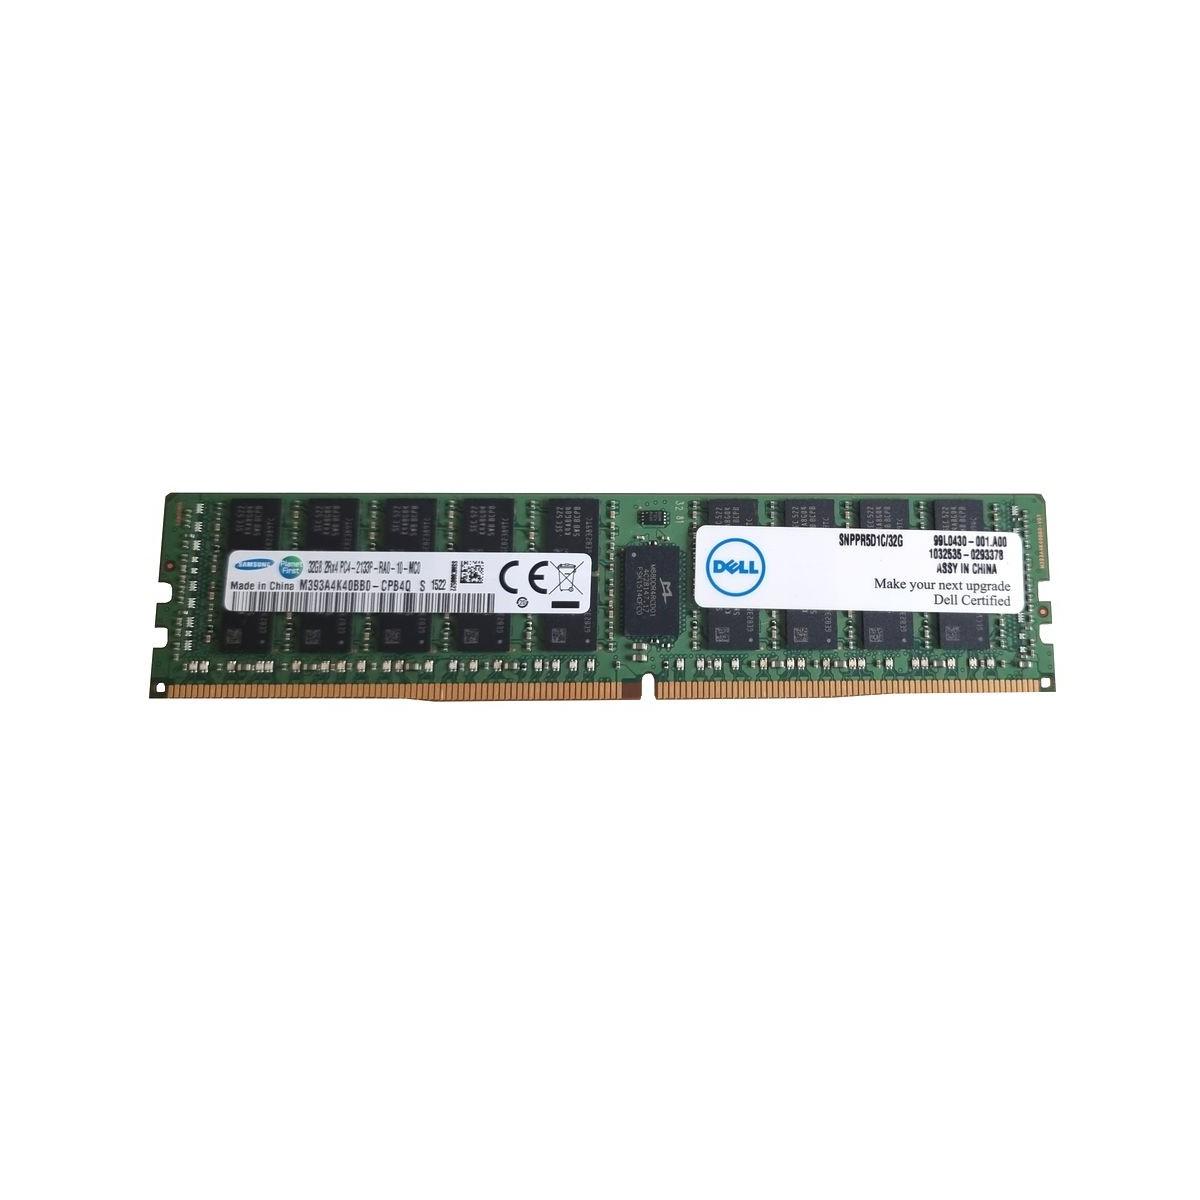 PAMIEC HP G2 G5 4GB 2Rx4 PC2 5300F DDR2 398708-061